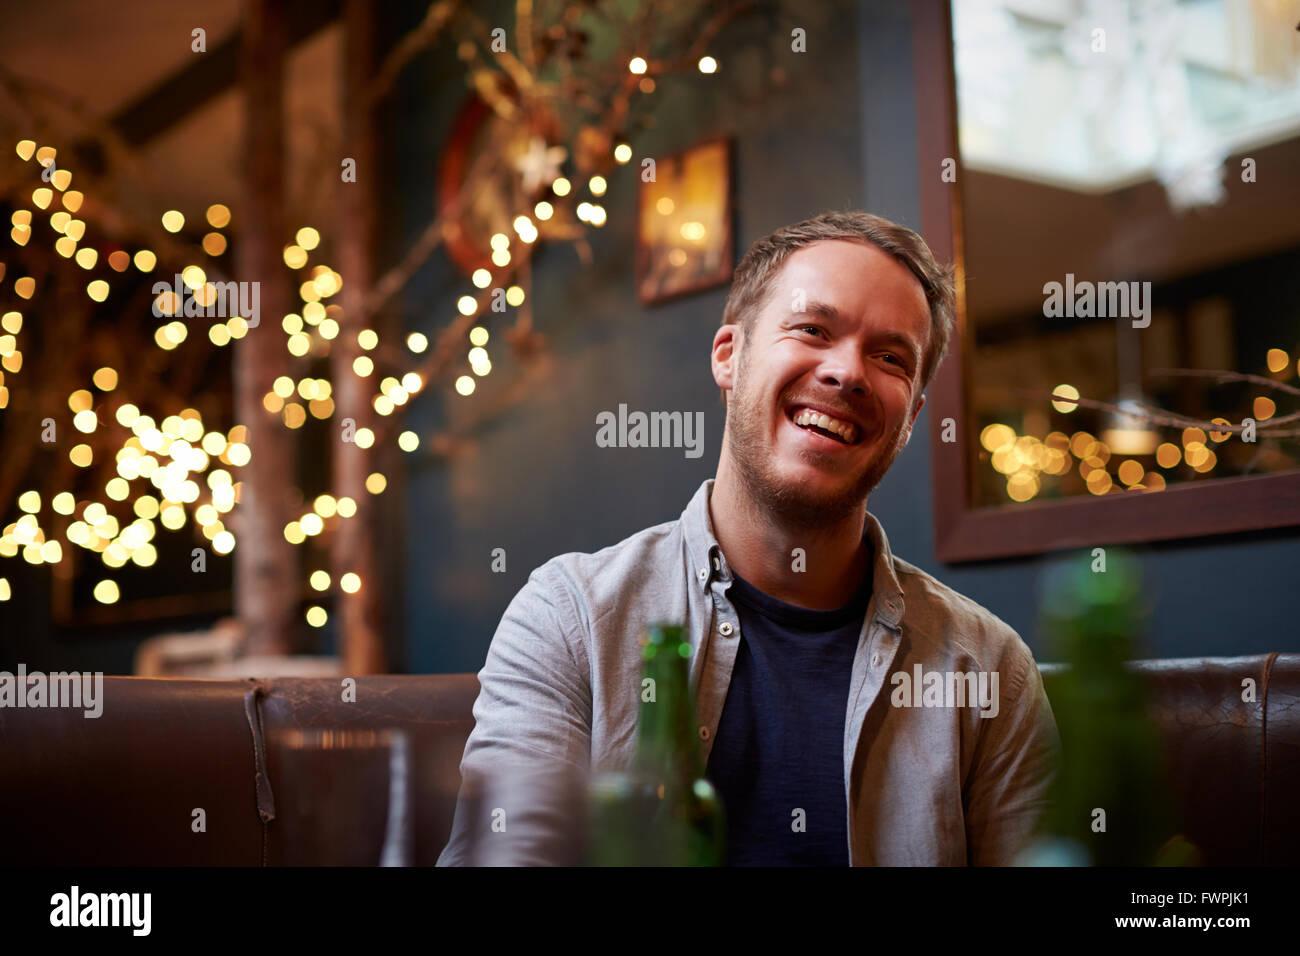 Jeune homme à l'intérieur relaxant Cafe Photo Stock